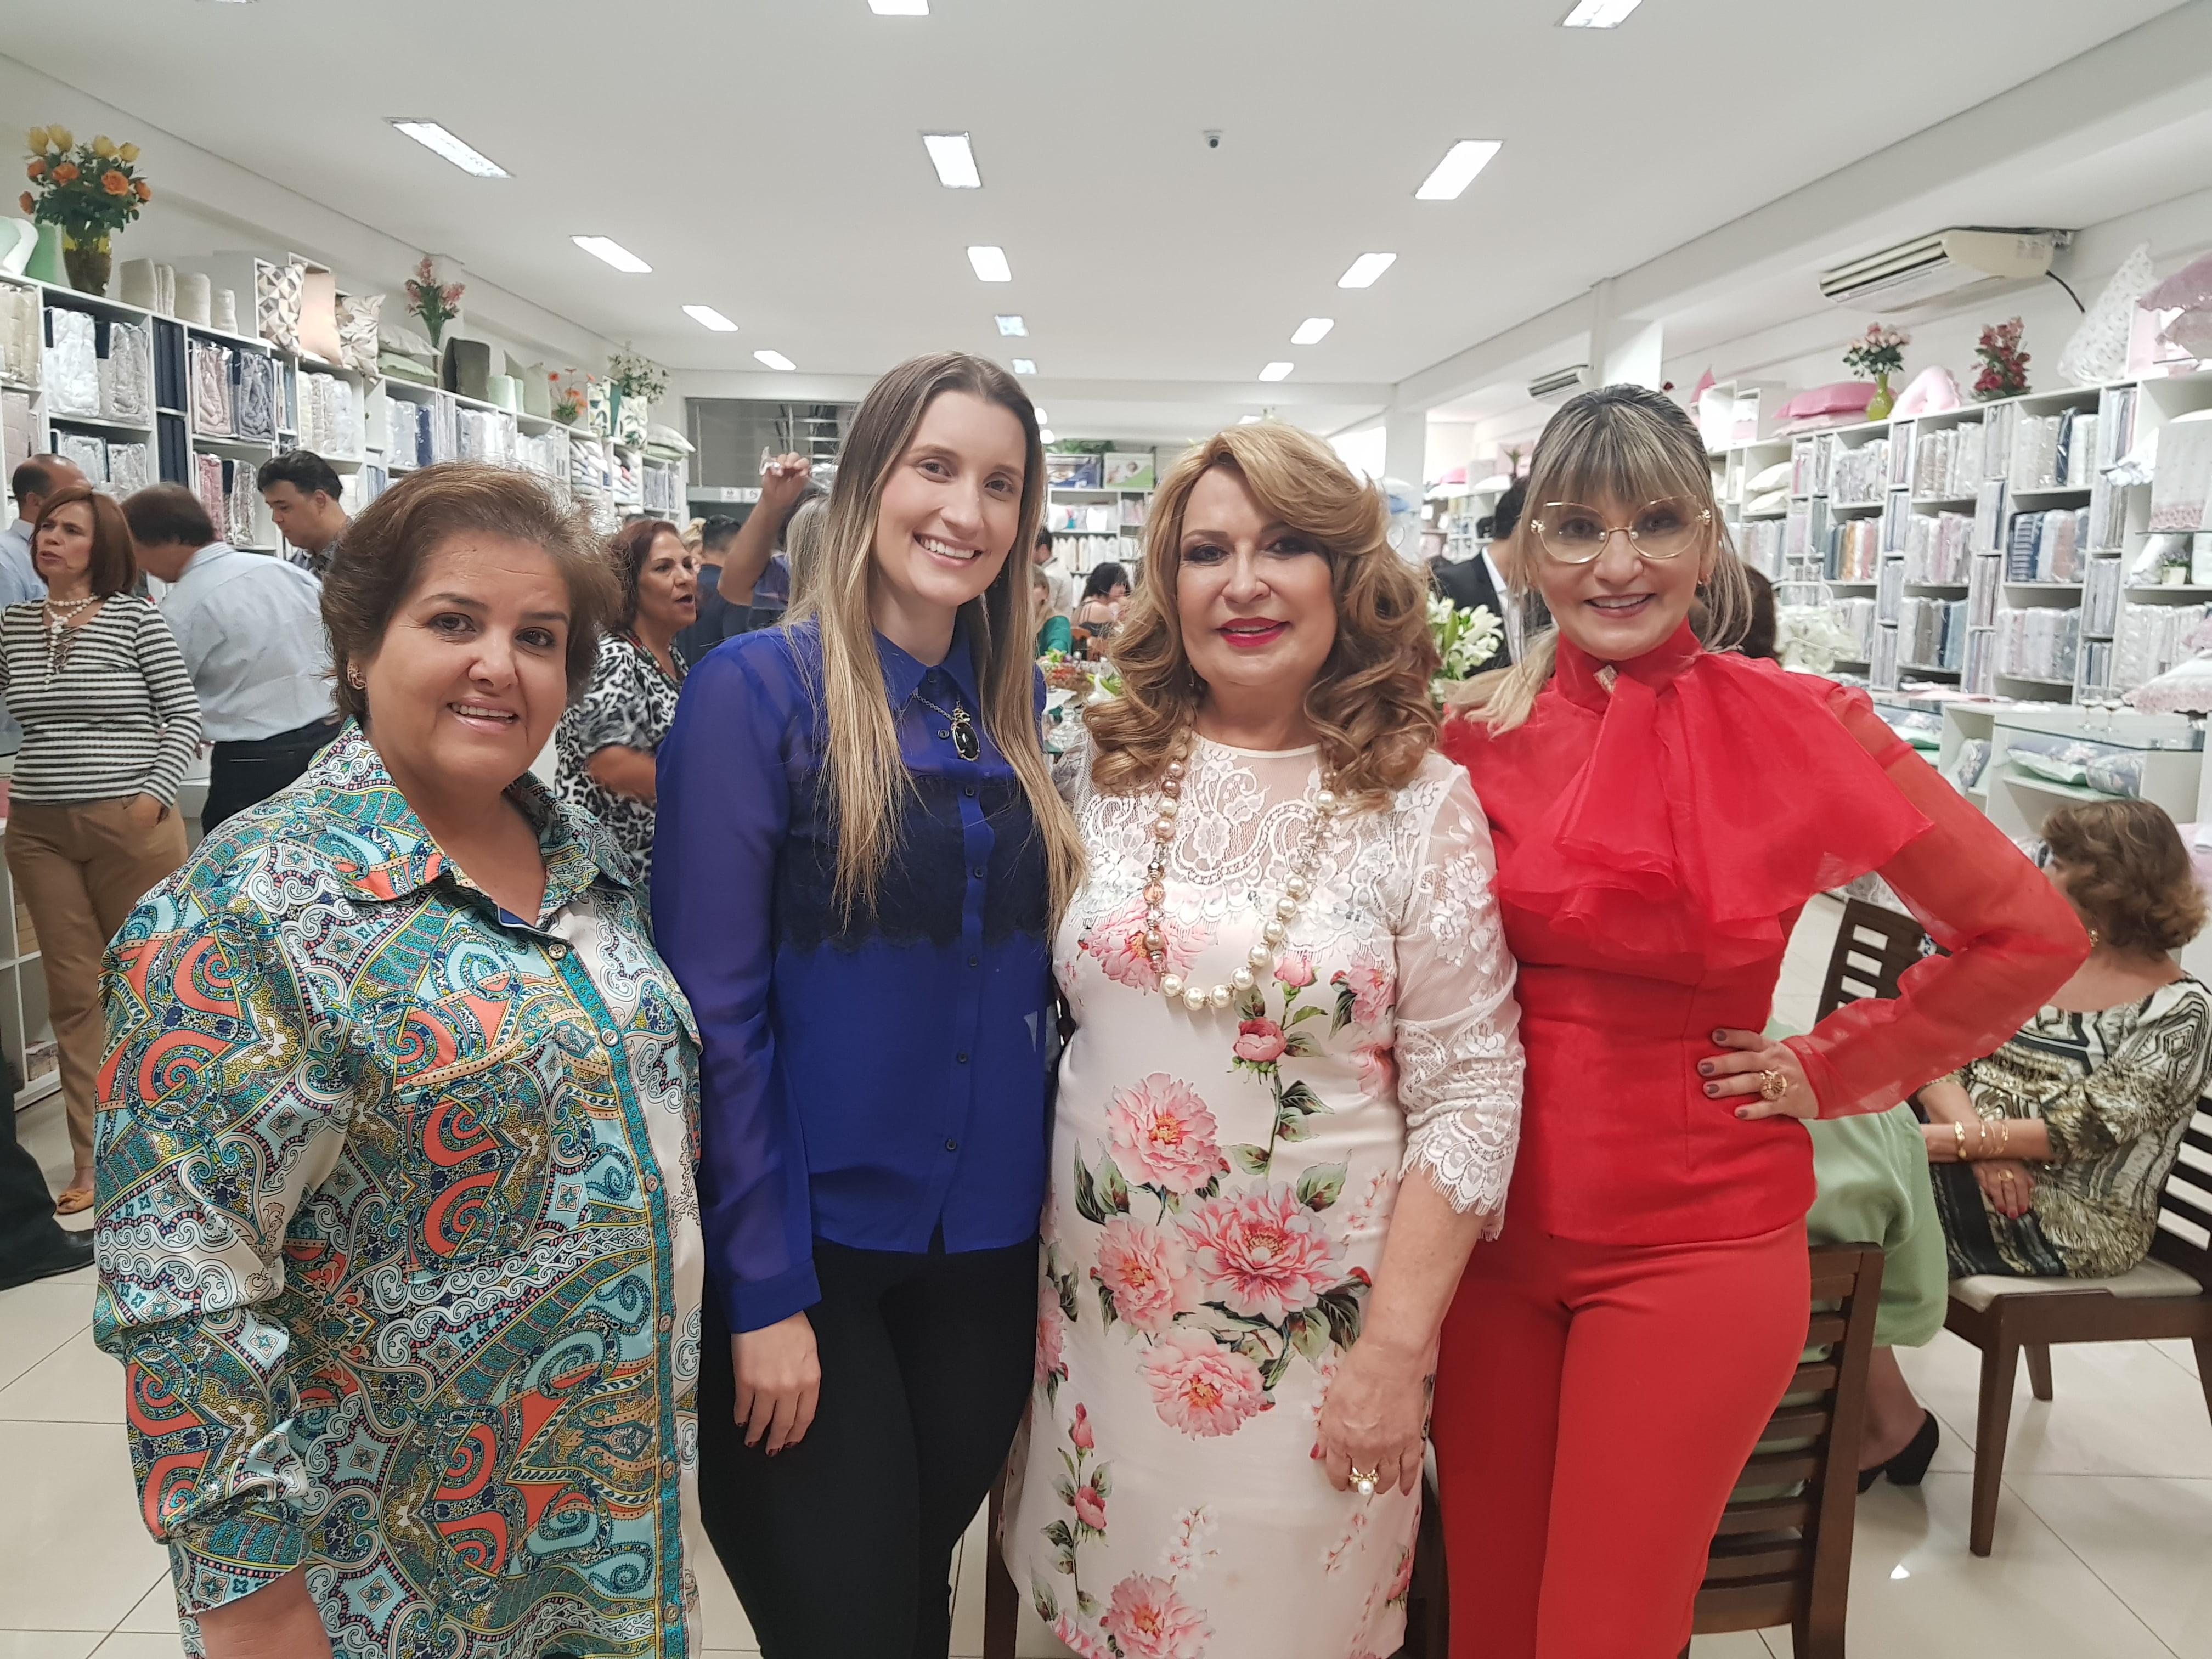 A empresária Marly Muniz e as estilistas Natália Gouveia e Maisa Gouveia prestigiaram Terezinha Rezende (terceira à dir.), durante coquetel de lançamento da 12ª edição da Revista Noivas e Festas